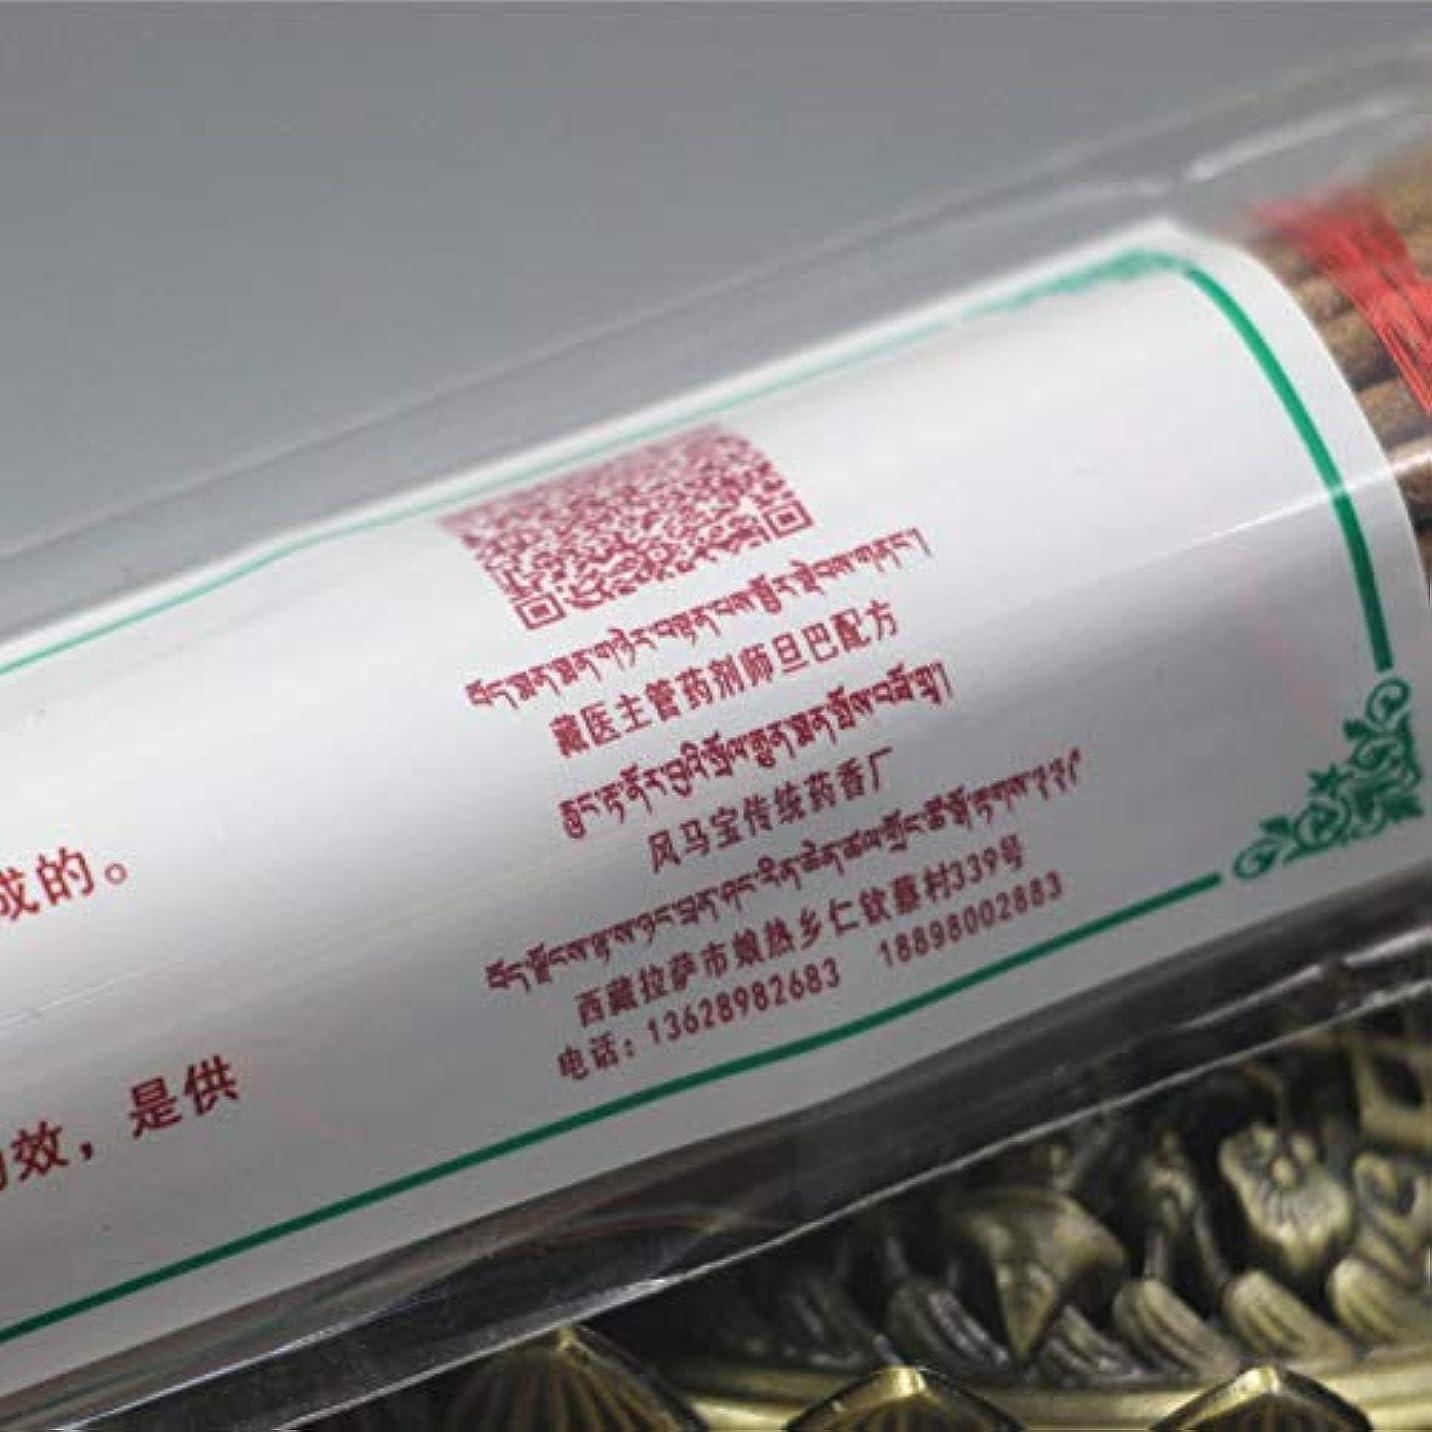 看板物理学者ピースDiatems - 沈香の宝物チベットのお香チベット手作りの純粋な植物自然医学の香りの家の38人のフレーバーがスリープアロマ香の助けを落ち着かせます